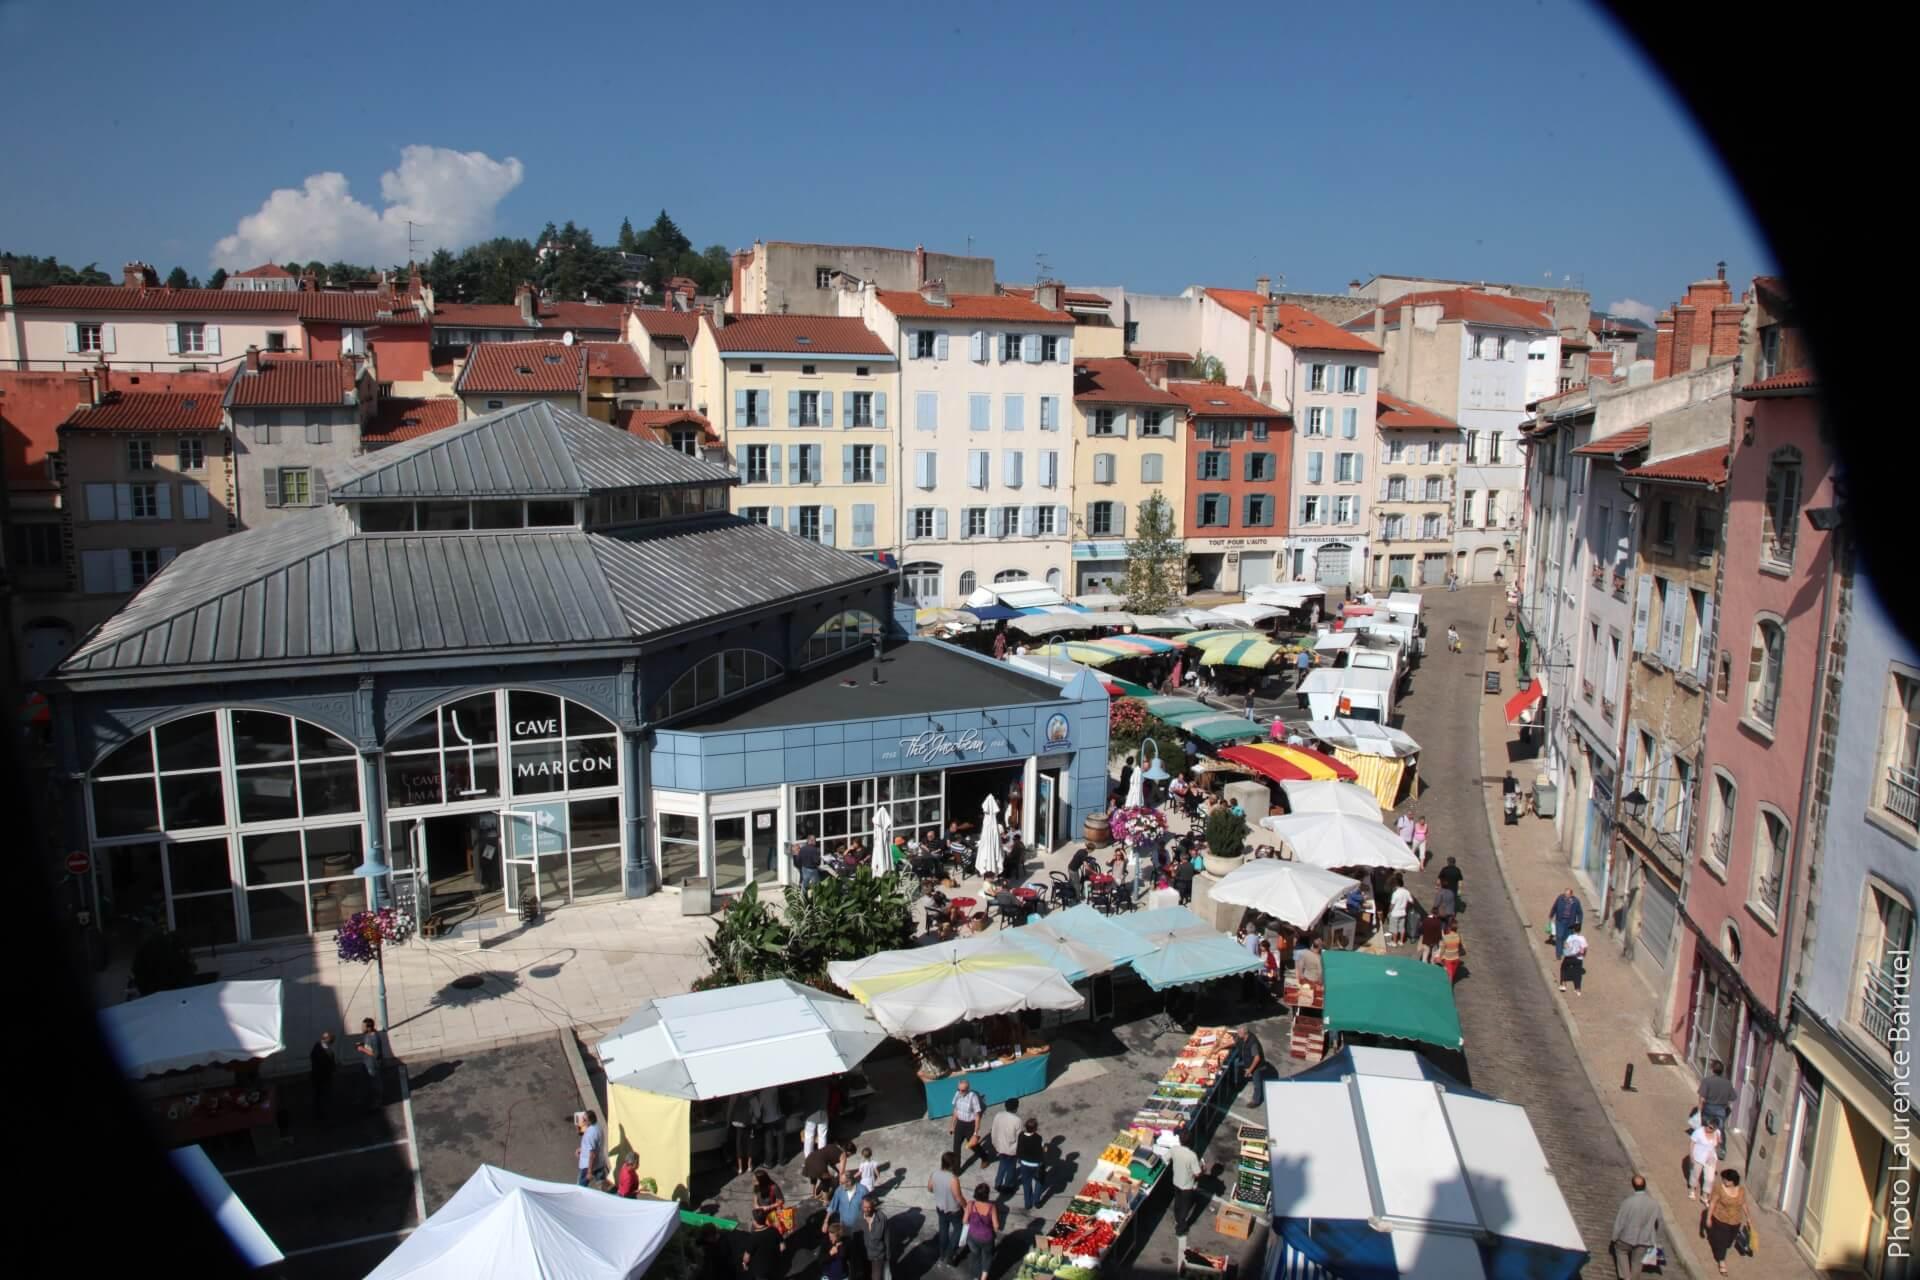 Puy-en-velay marché cave marcon